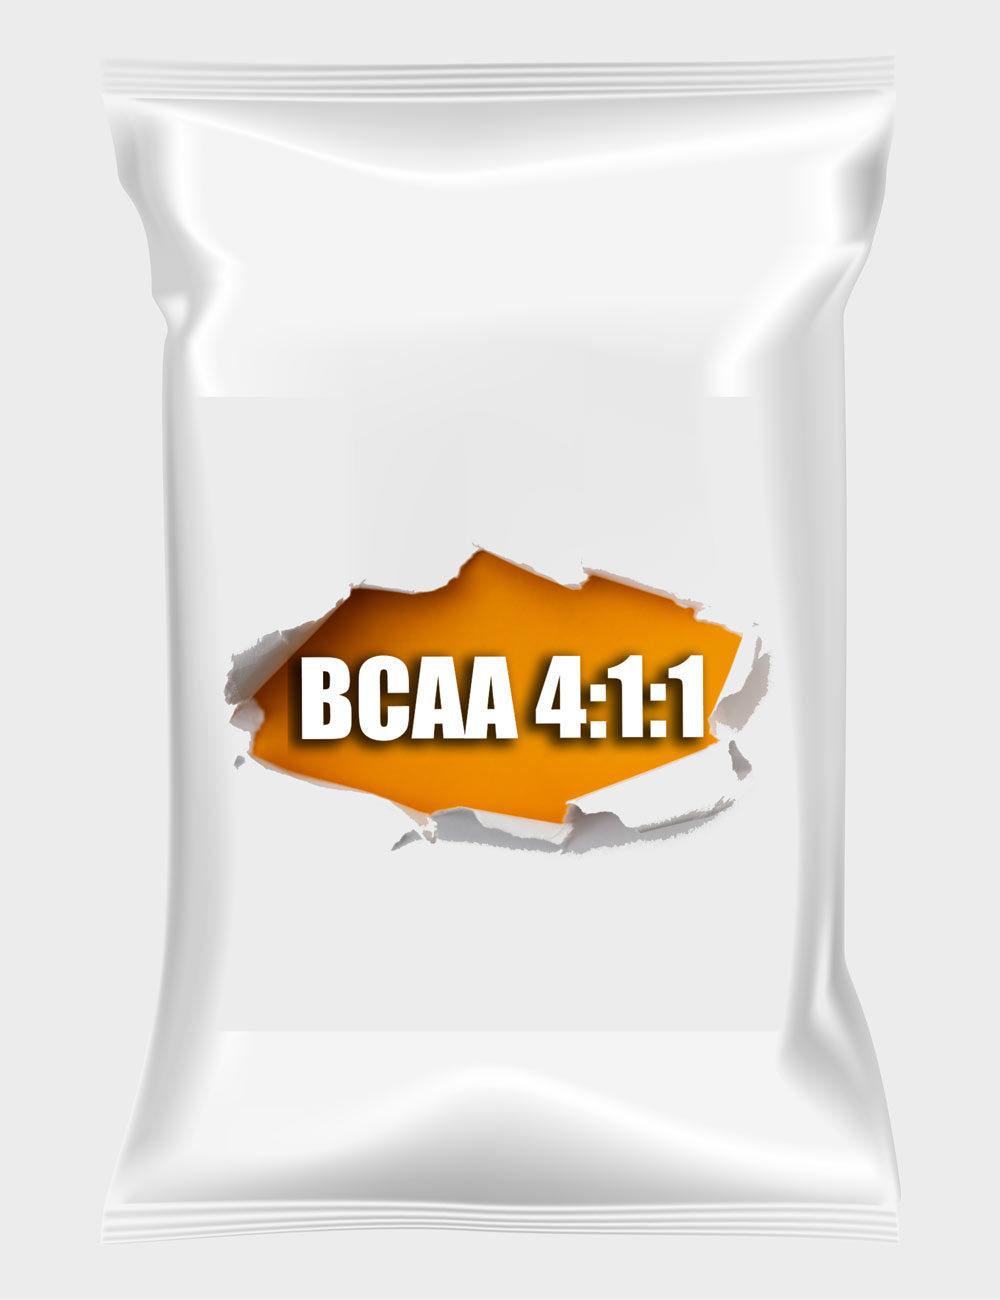 Купить bcaa оптом аминокислоты 4:1:1 в Украине 10 кг.- отзывы-цена. Спортивное питание оптом tvoy-prot.com.ua